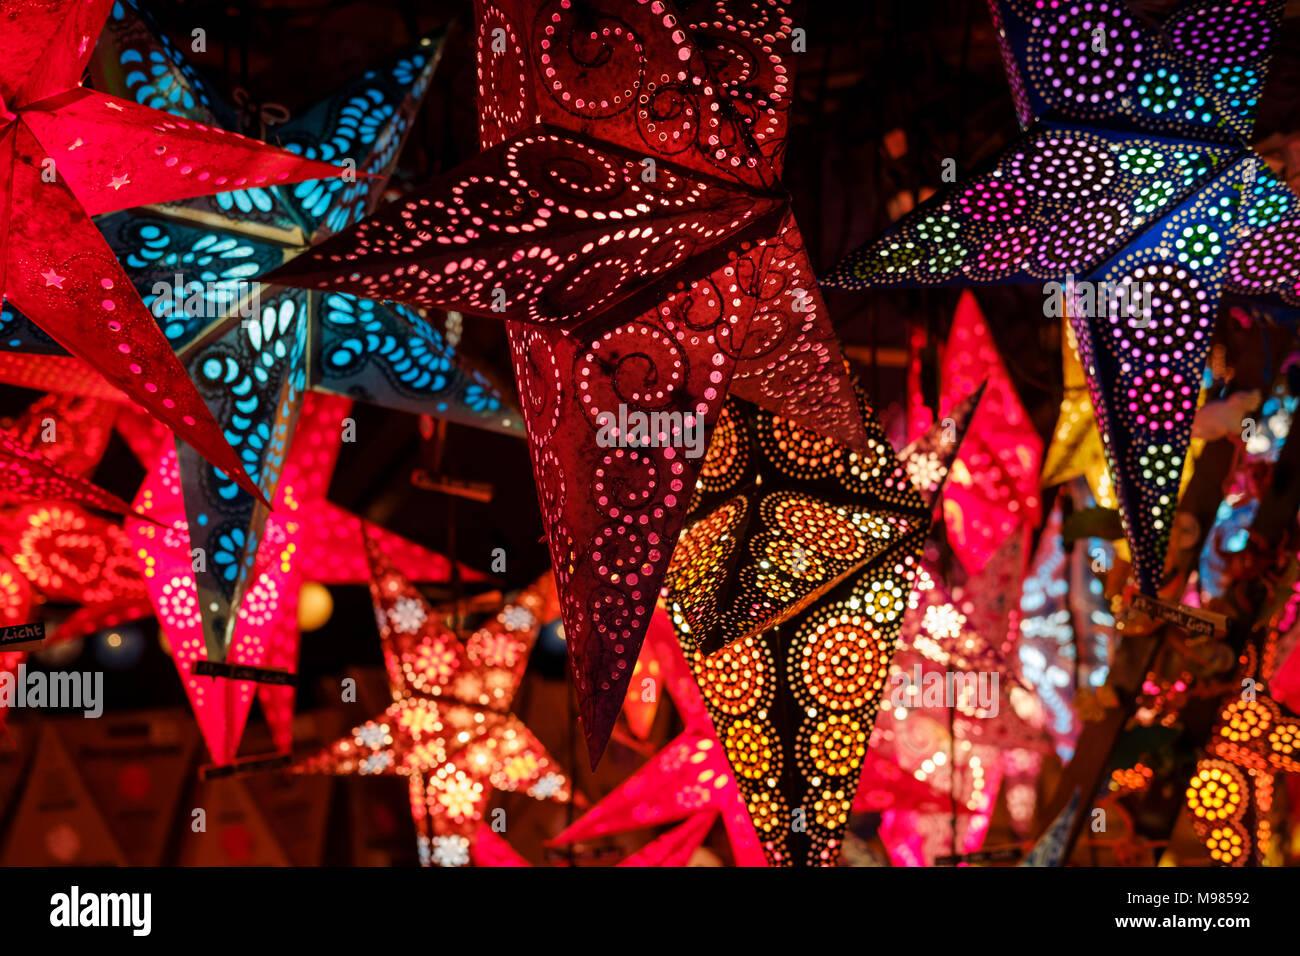 leuchtende Sterne, Christkindlesmarkt, Augsburg, Schwaben, Bayern, Deutschland - Stock Image